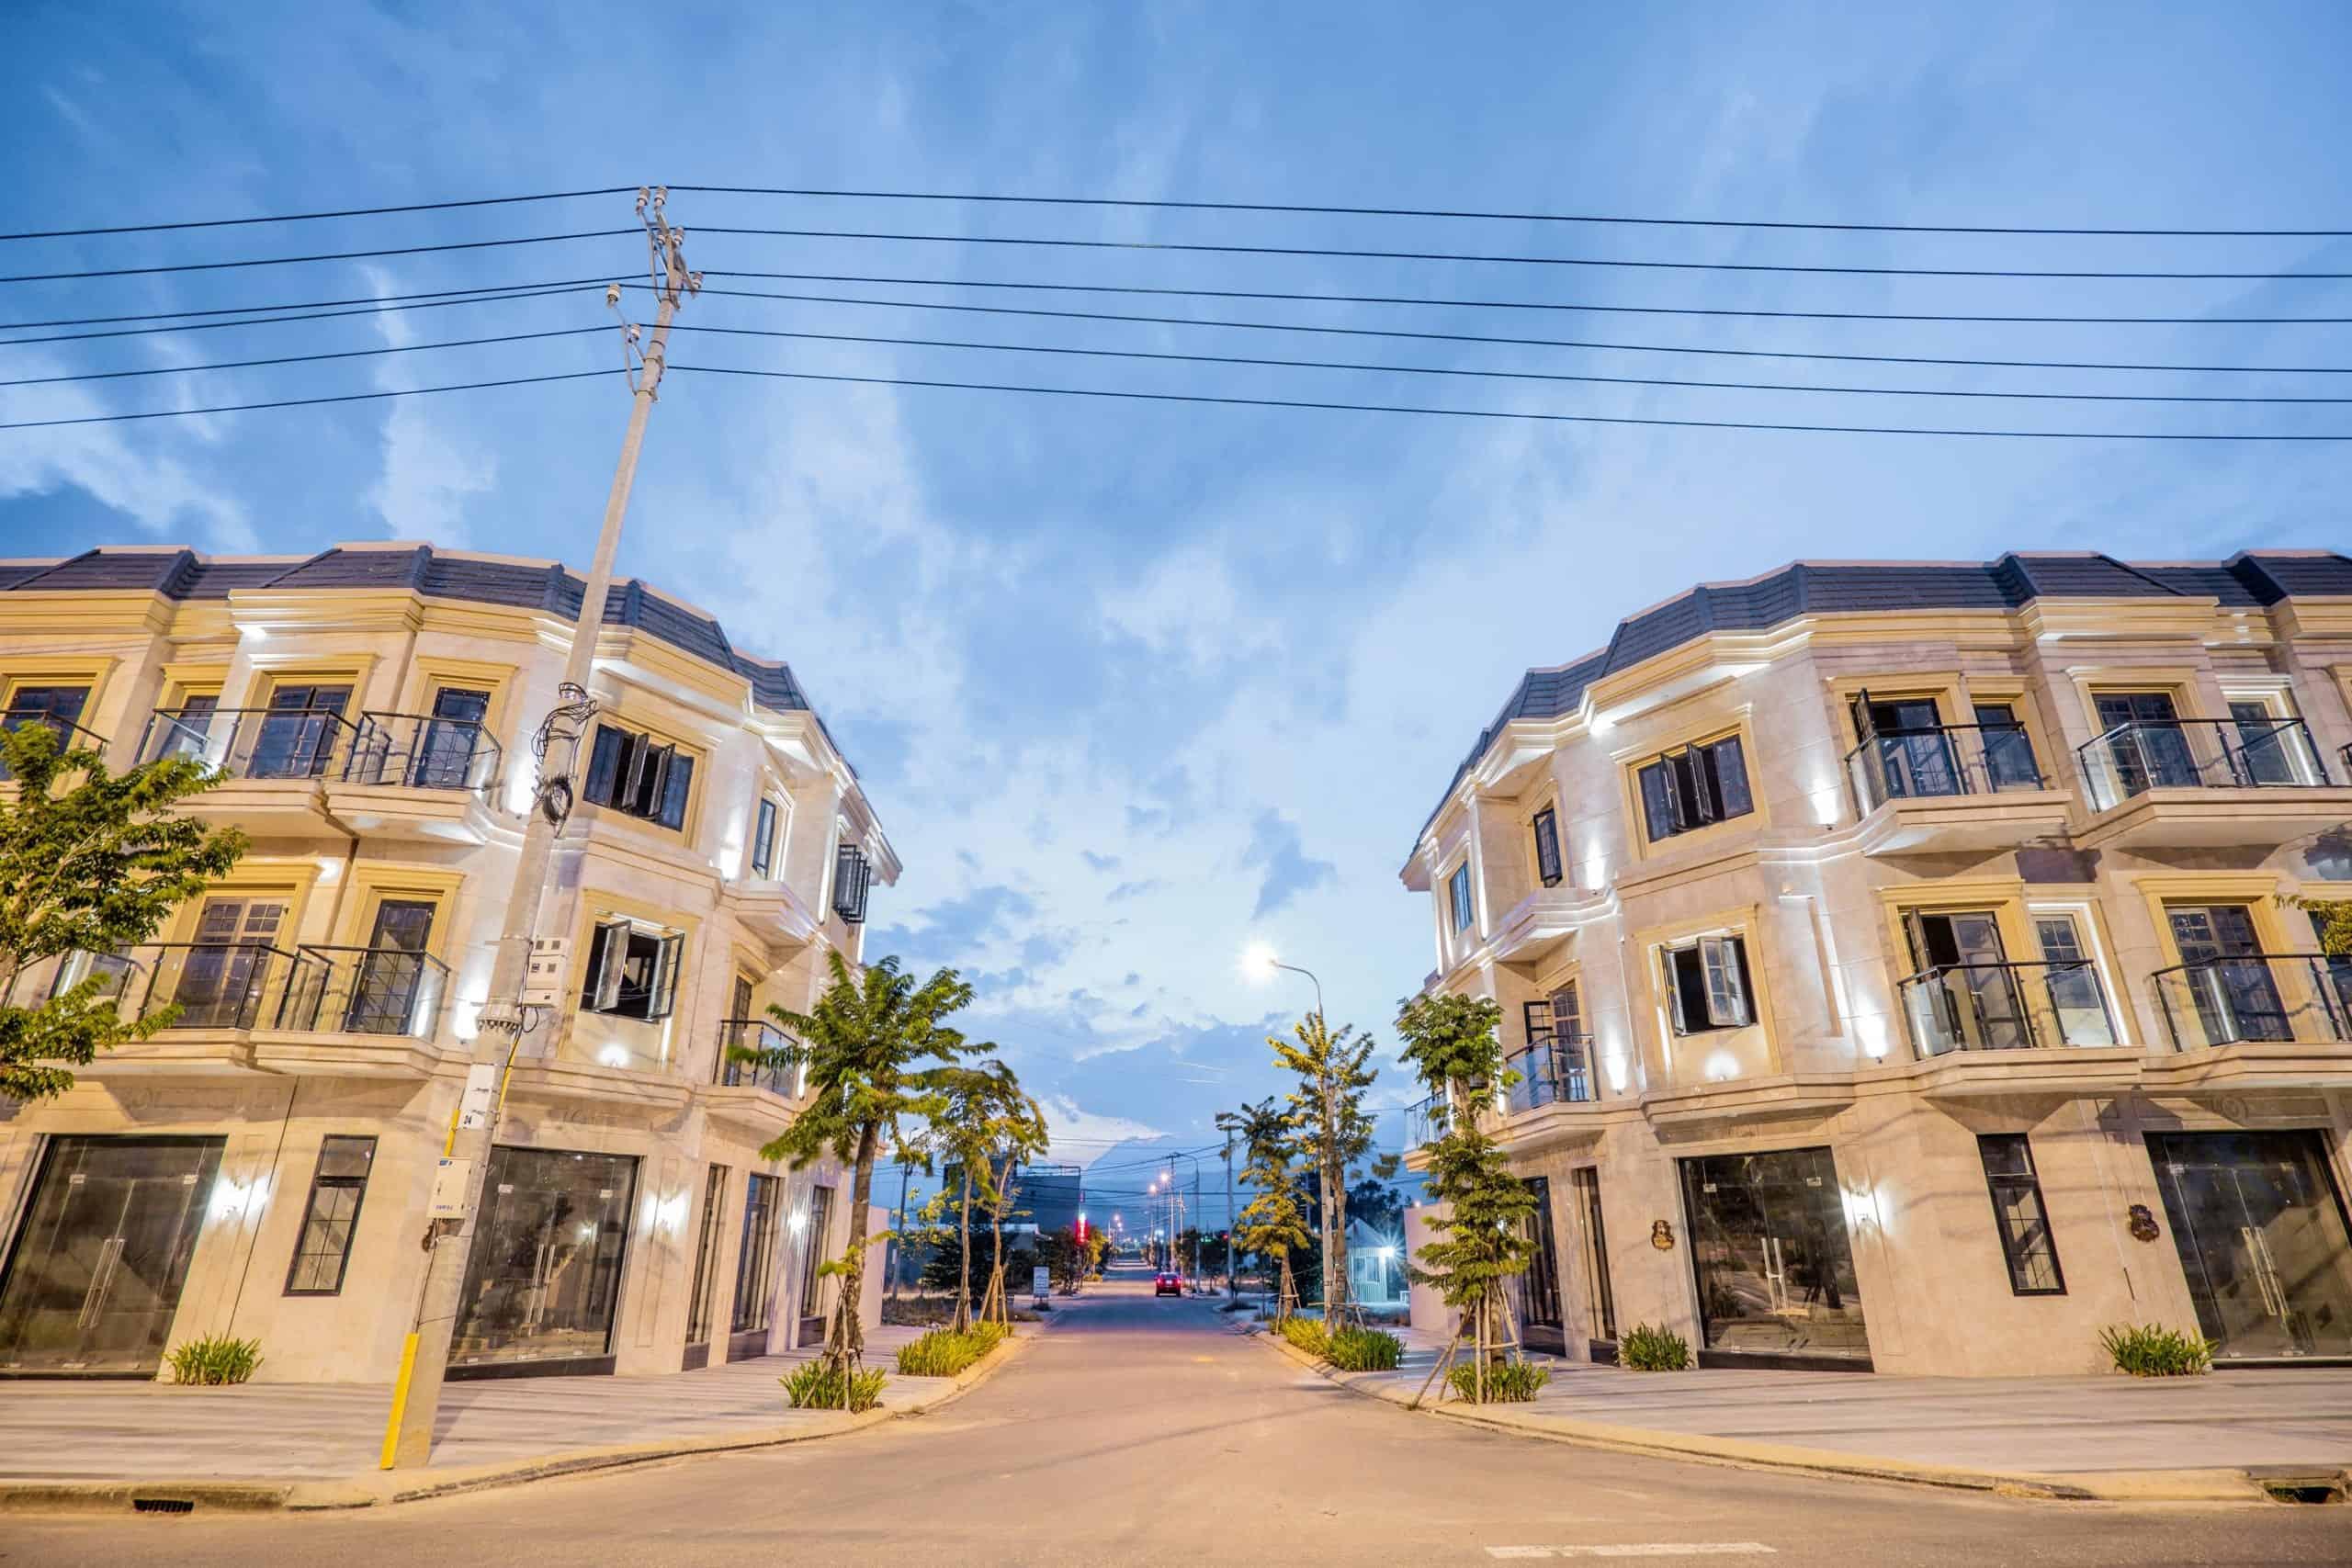 BÁN shophouse LAKESIDE INFINITY Đà Nẵng giá ƯU ĐÃI